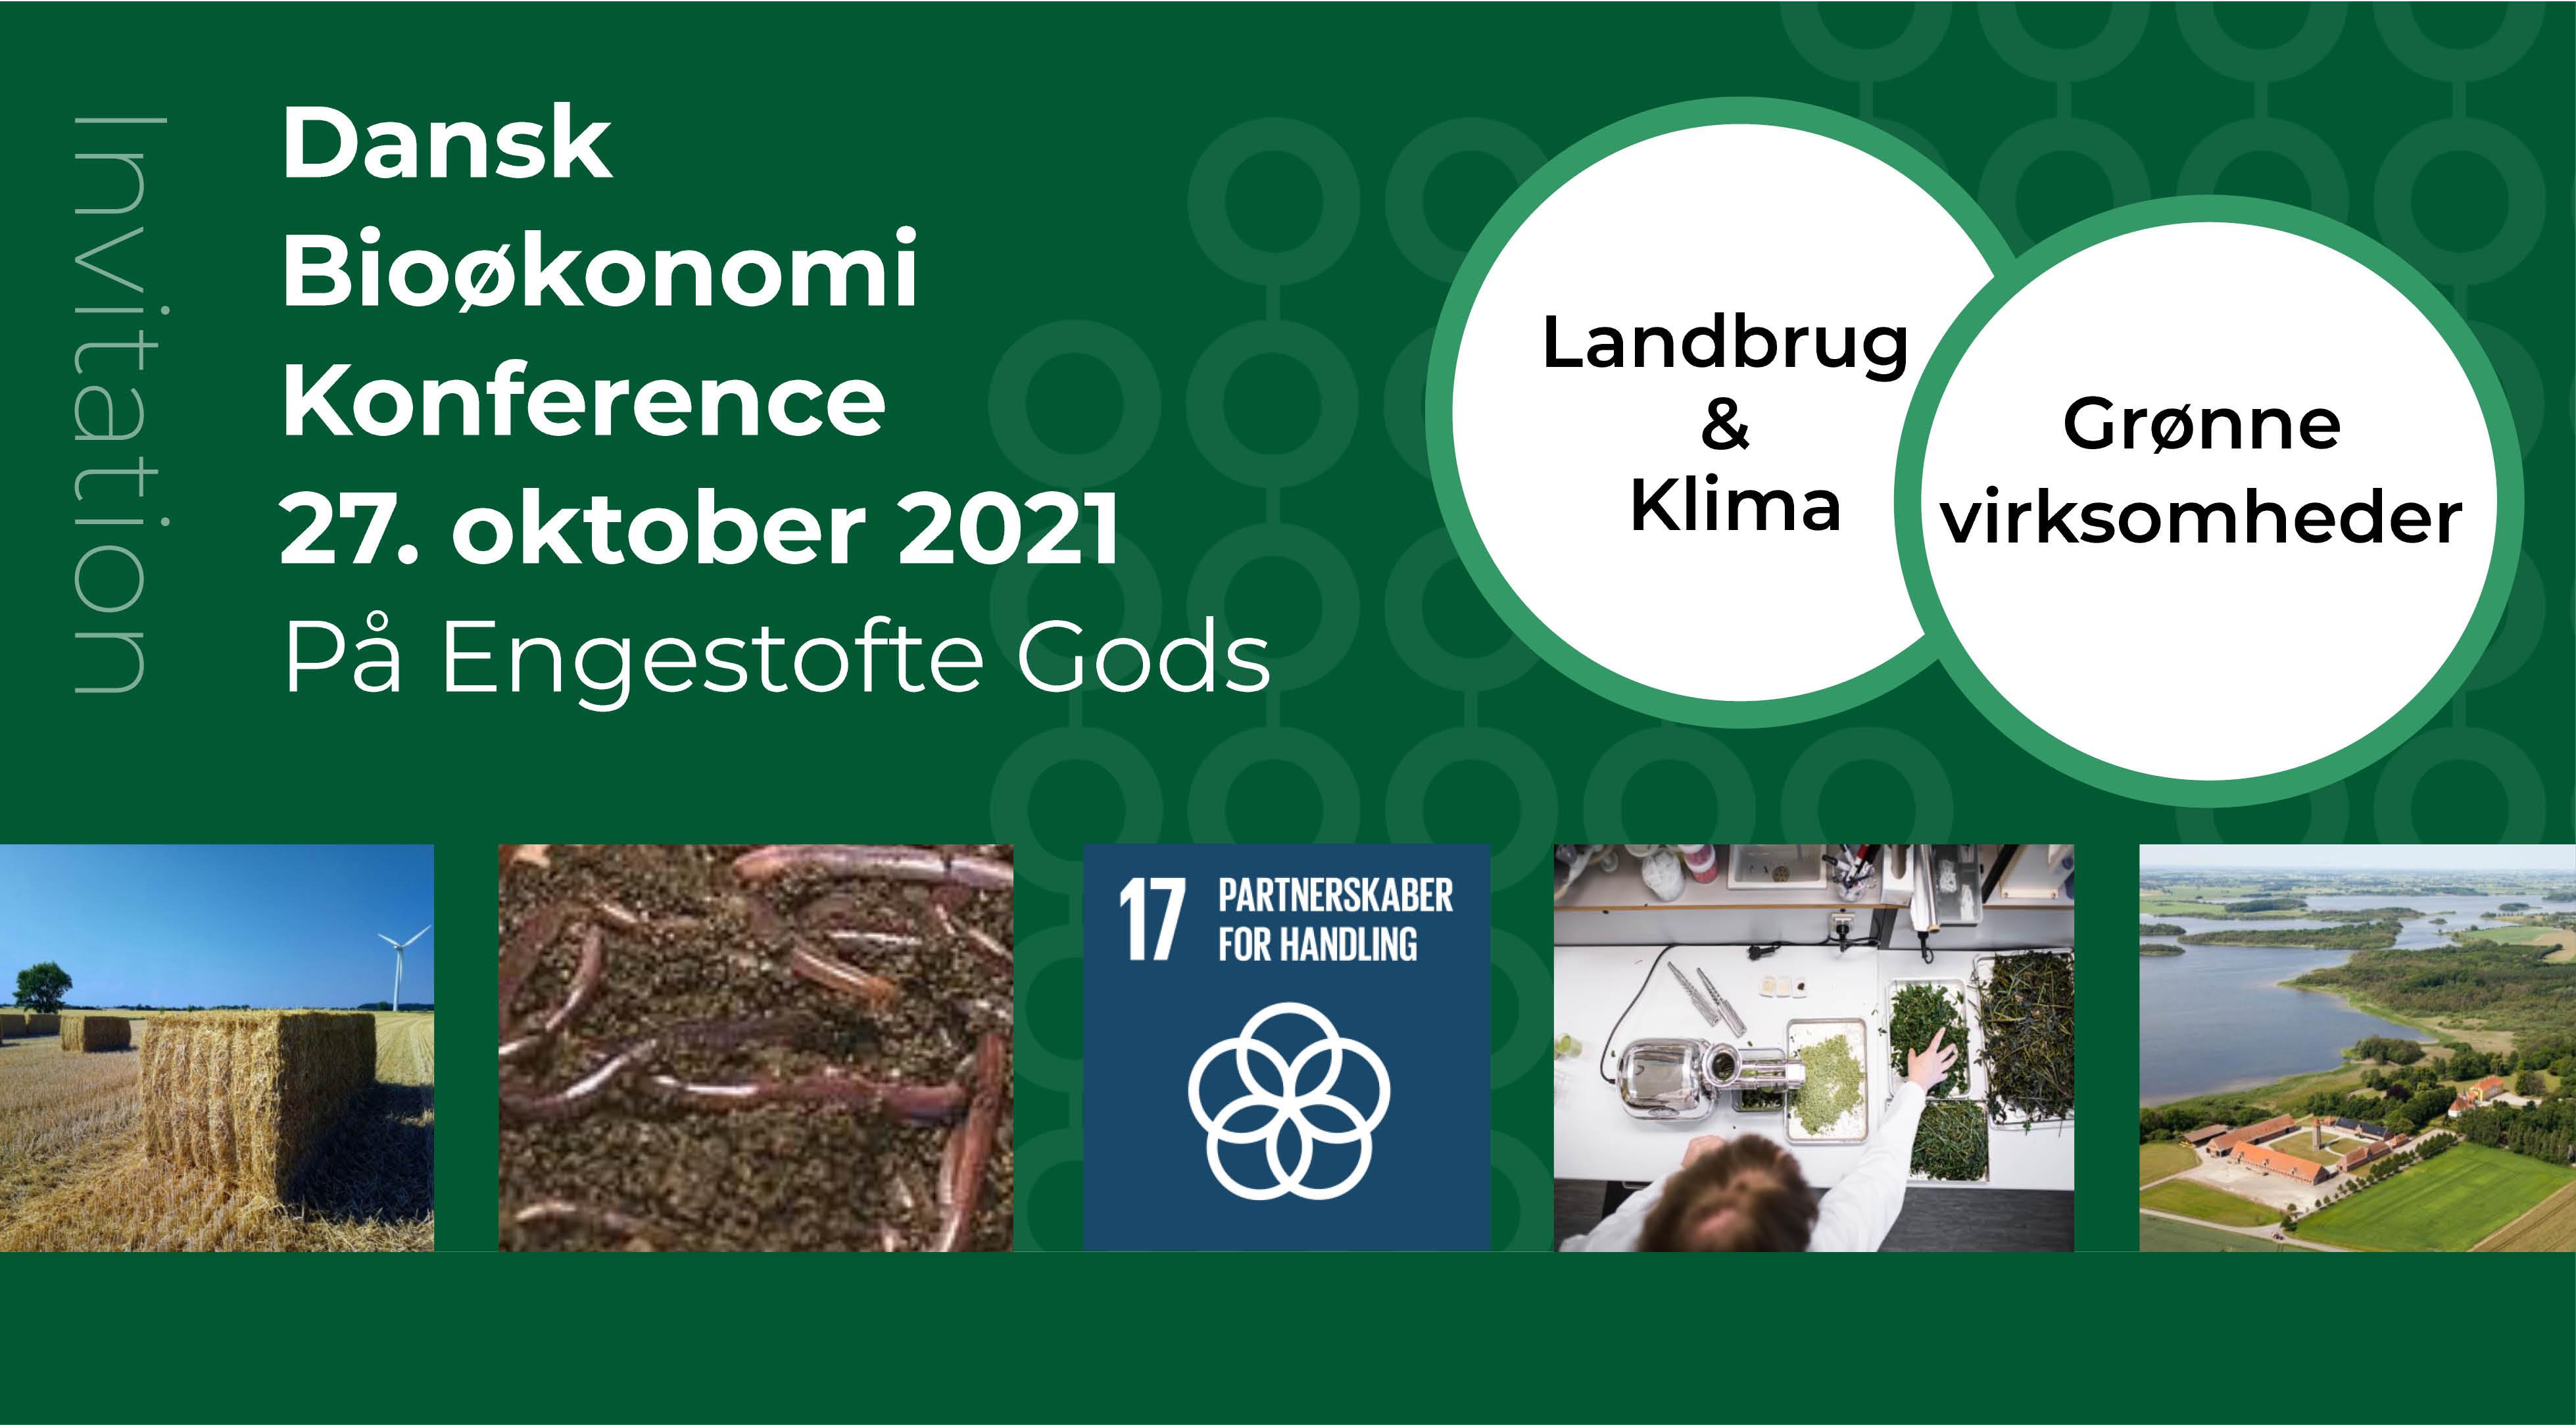 Dansk Bioøkonomikonference 2021